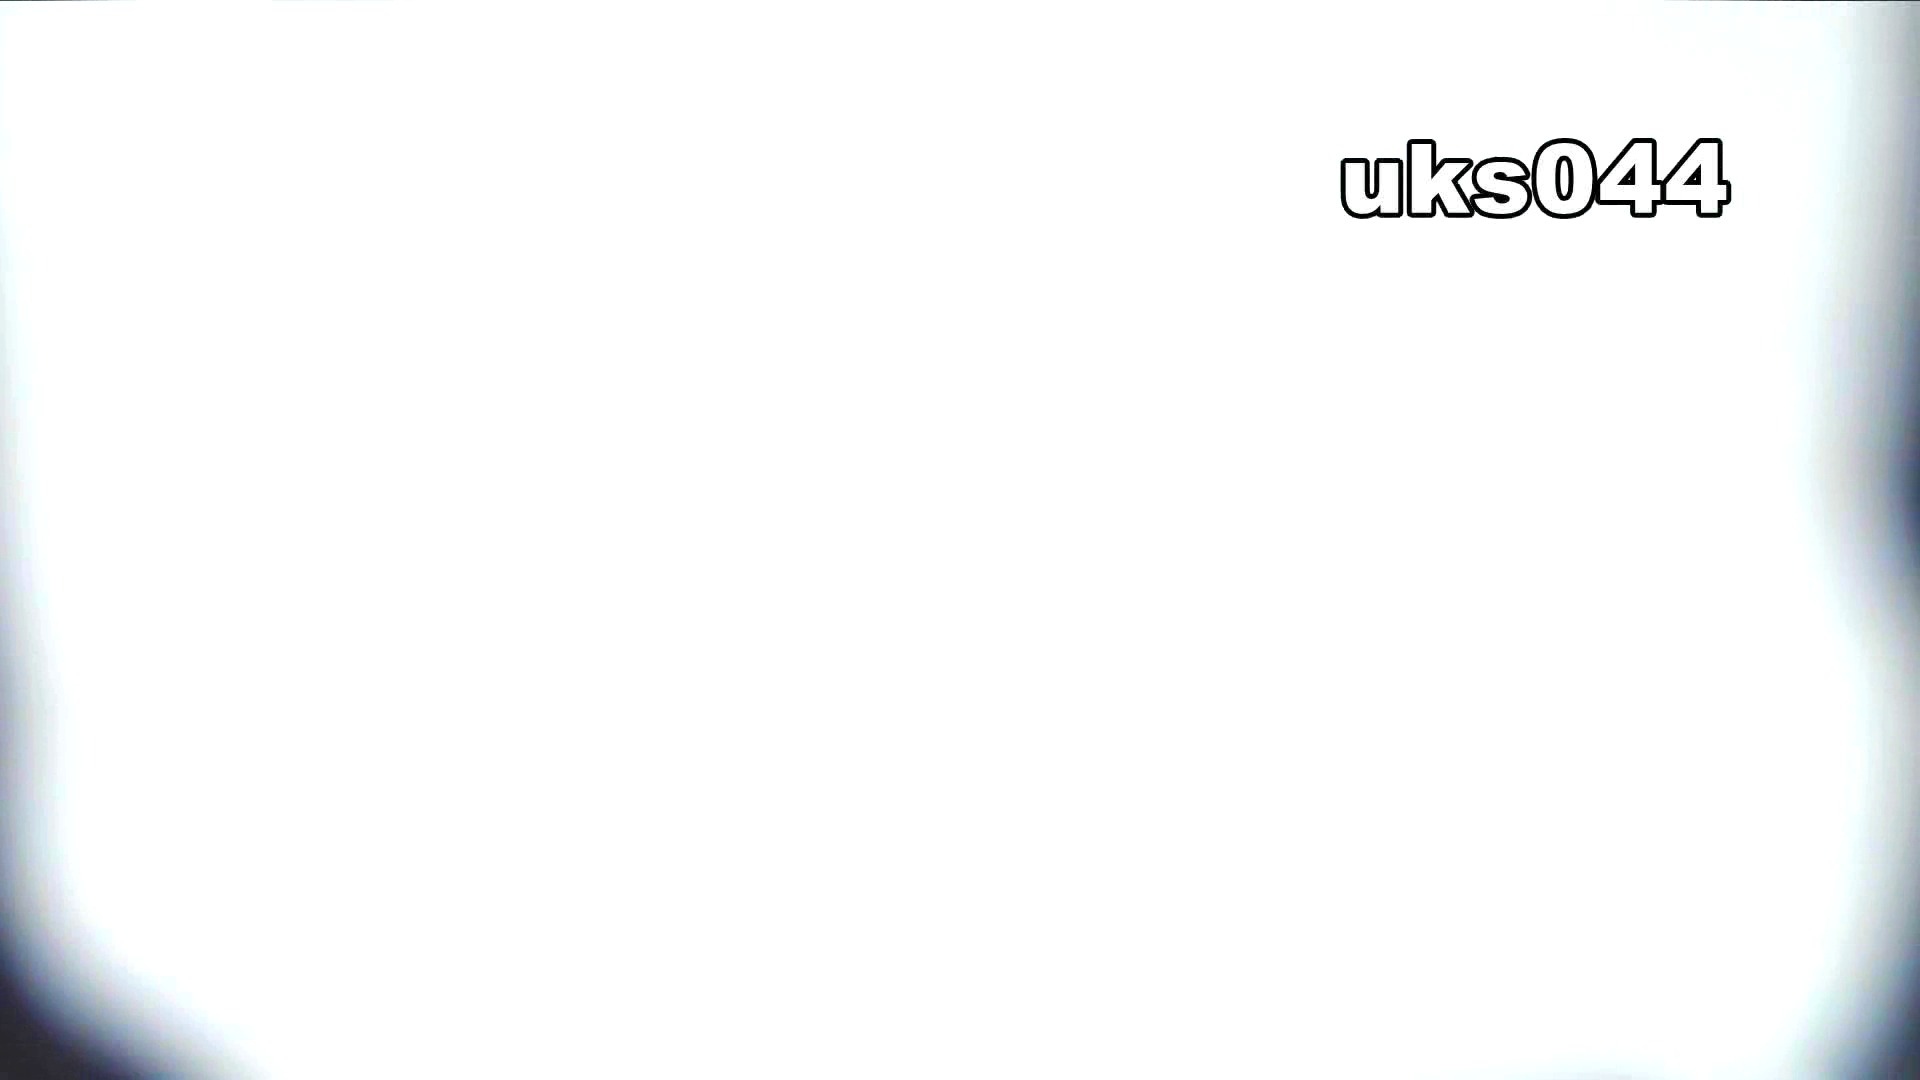 【美しき個室な世界】 vol.044 8倍くらいケツ毛バーガー 高評価  50PIX 37